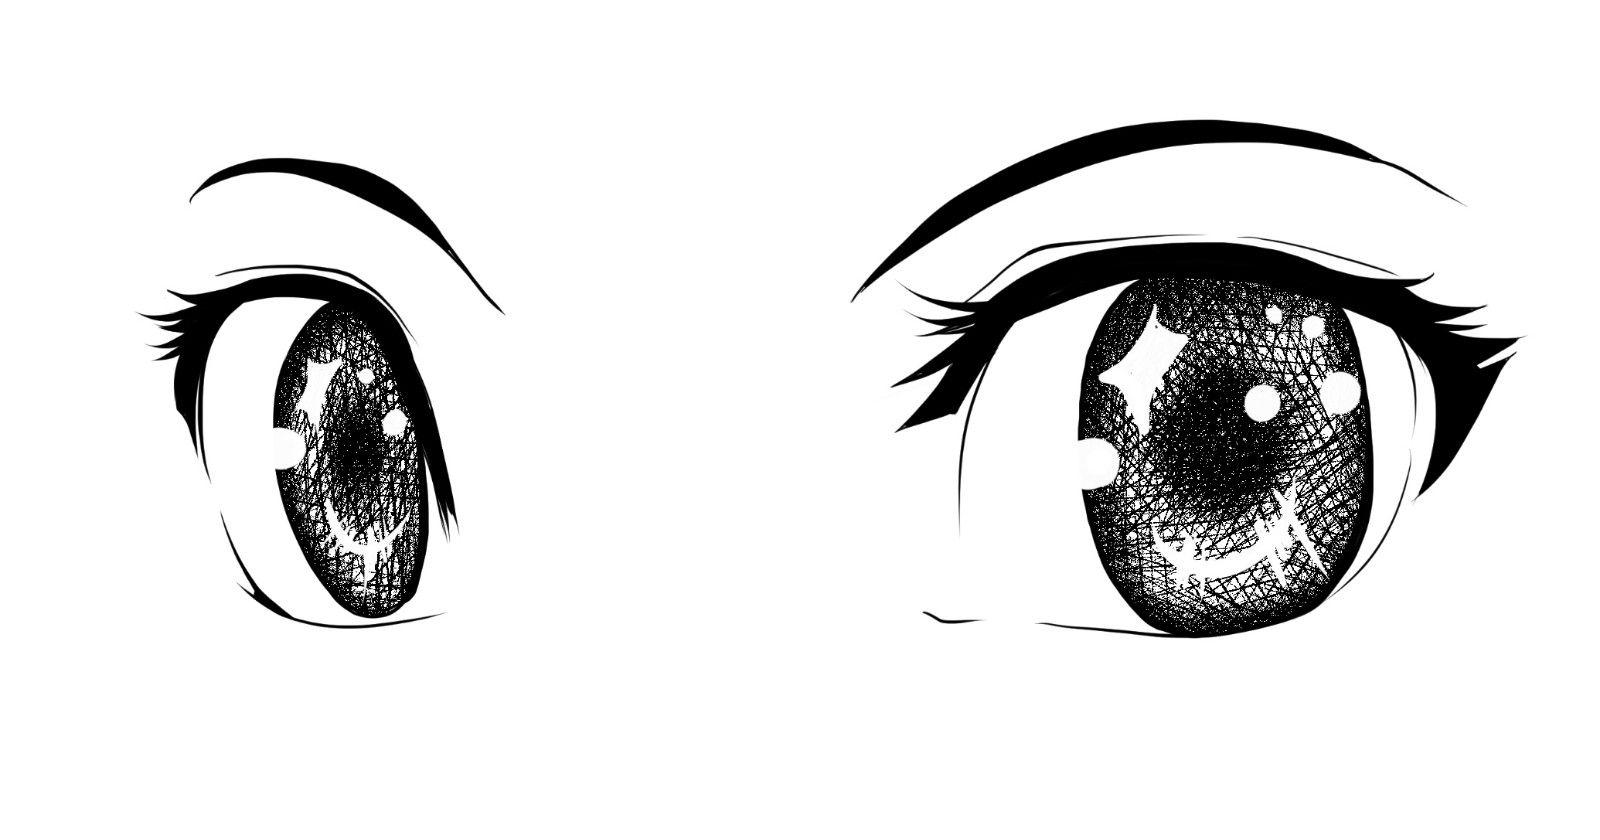 003-02 - 副本 (2).jpg